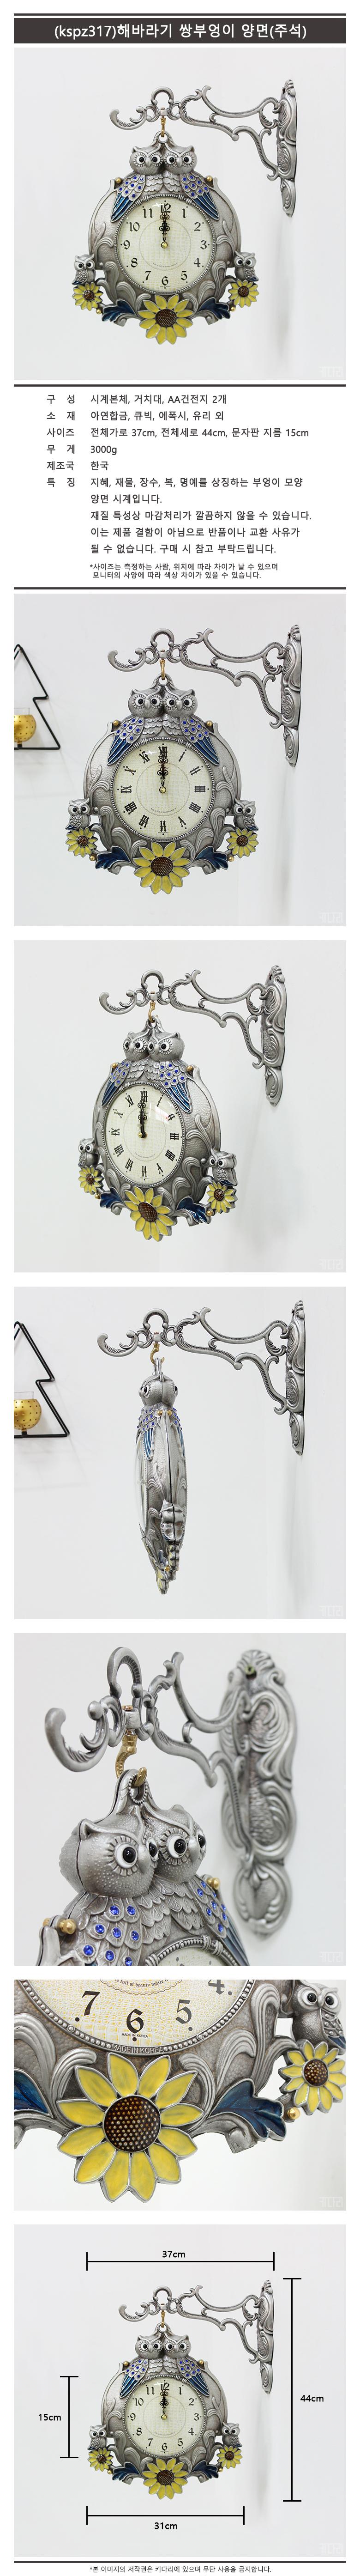 (kspz317)해바라기 쌍부엉이 양면(주석) 182,000원-키다리인테리어, 시계, 양면시계, 앤틱바보사랑 (kspz317)해바라기 쌍부엉이 양면(주석) 182,000원-키다리인테리어, 시계, 양면시계, 앤틱바보사랑